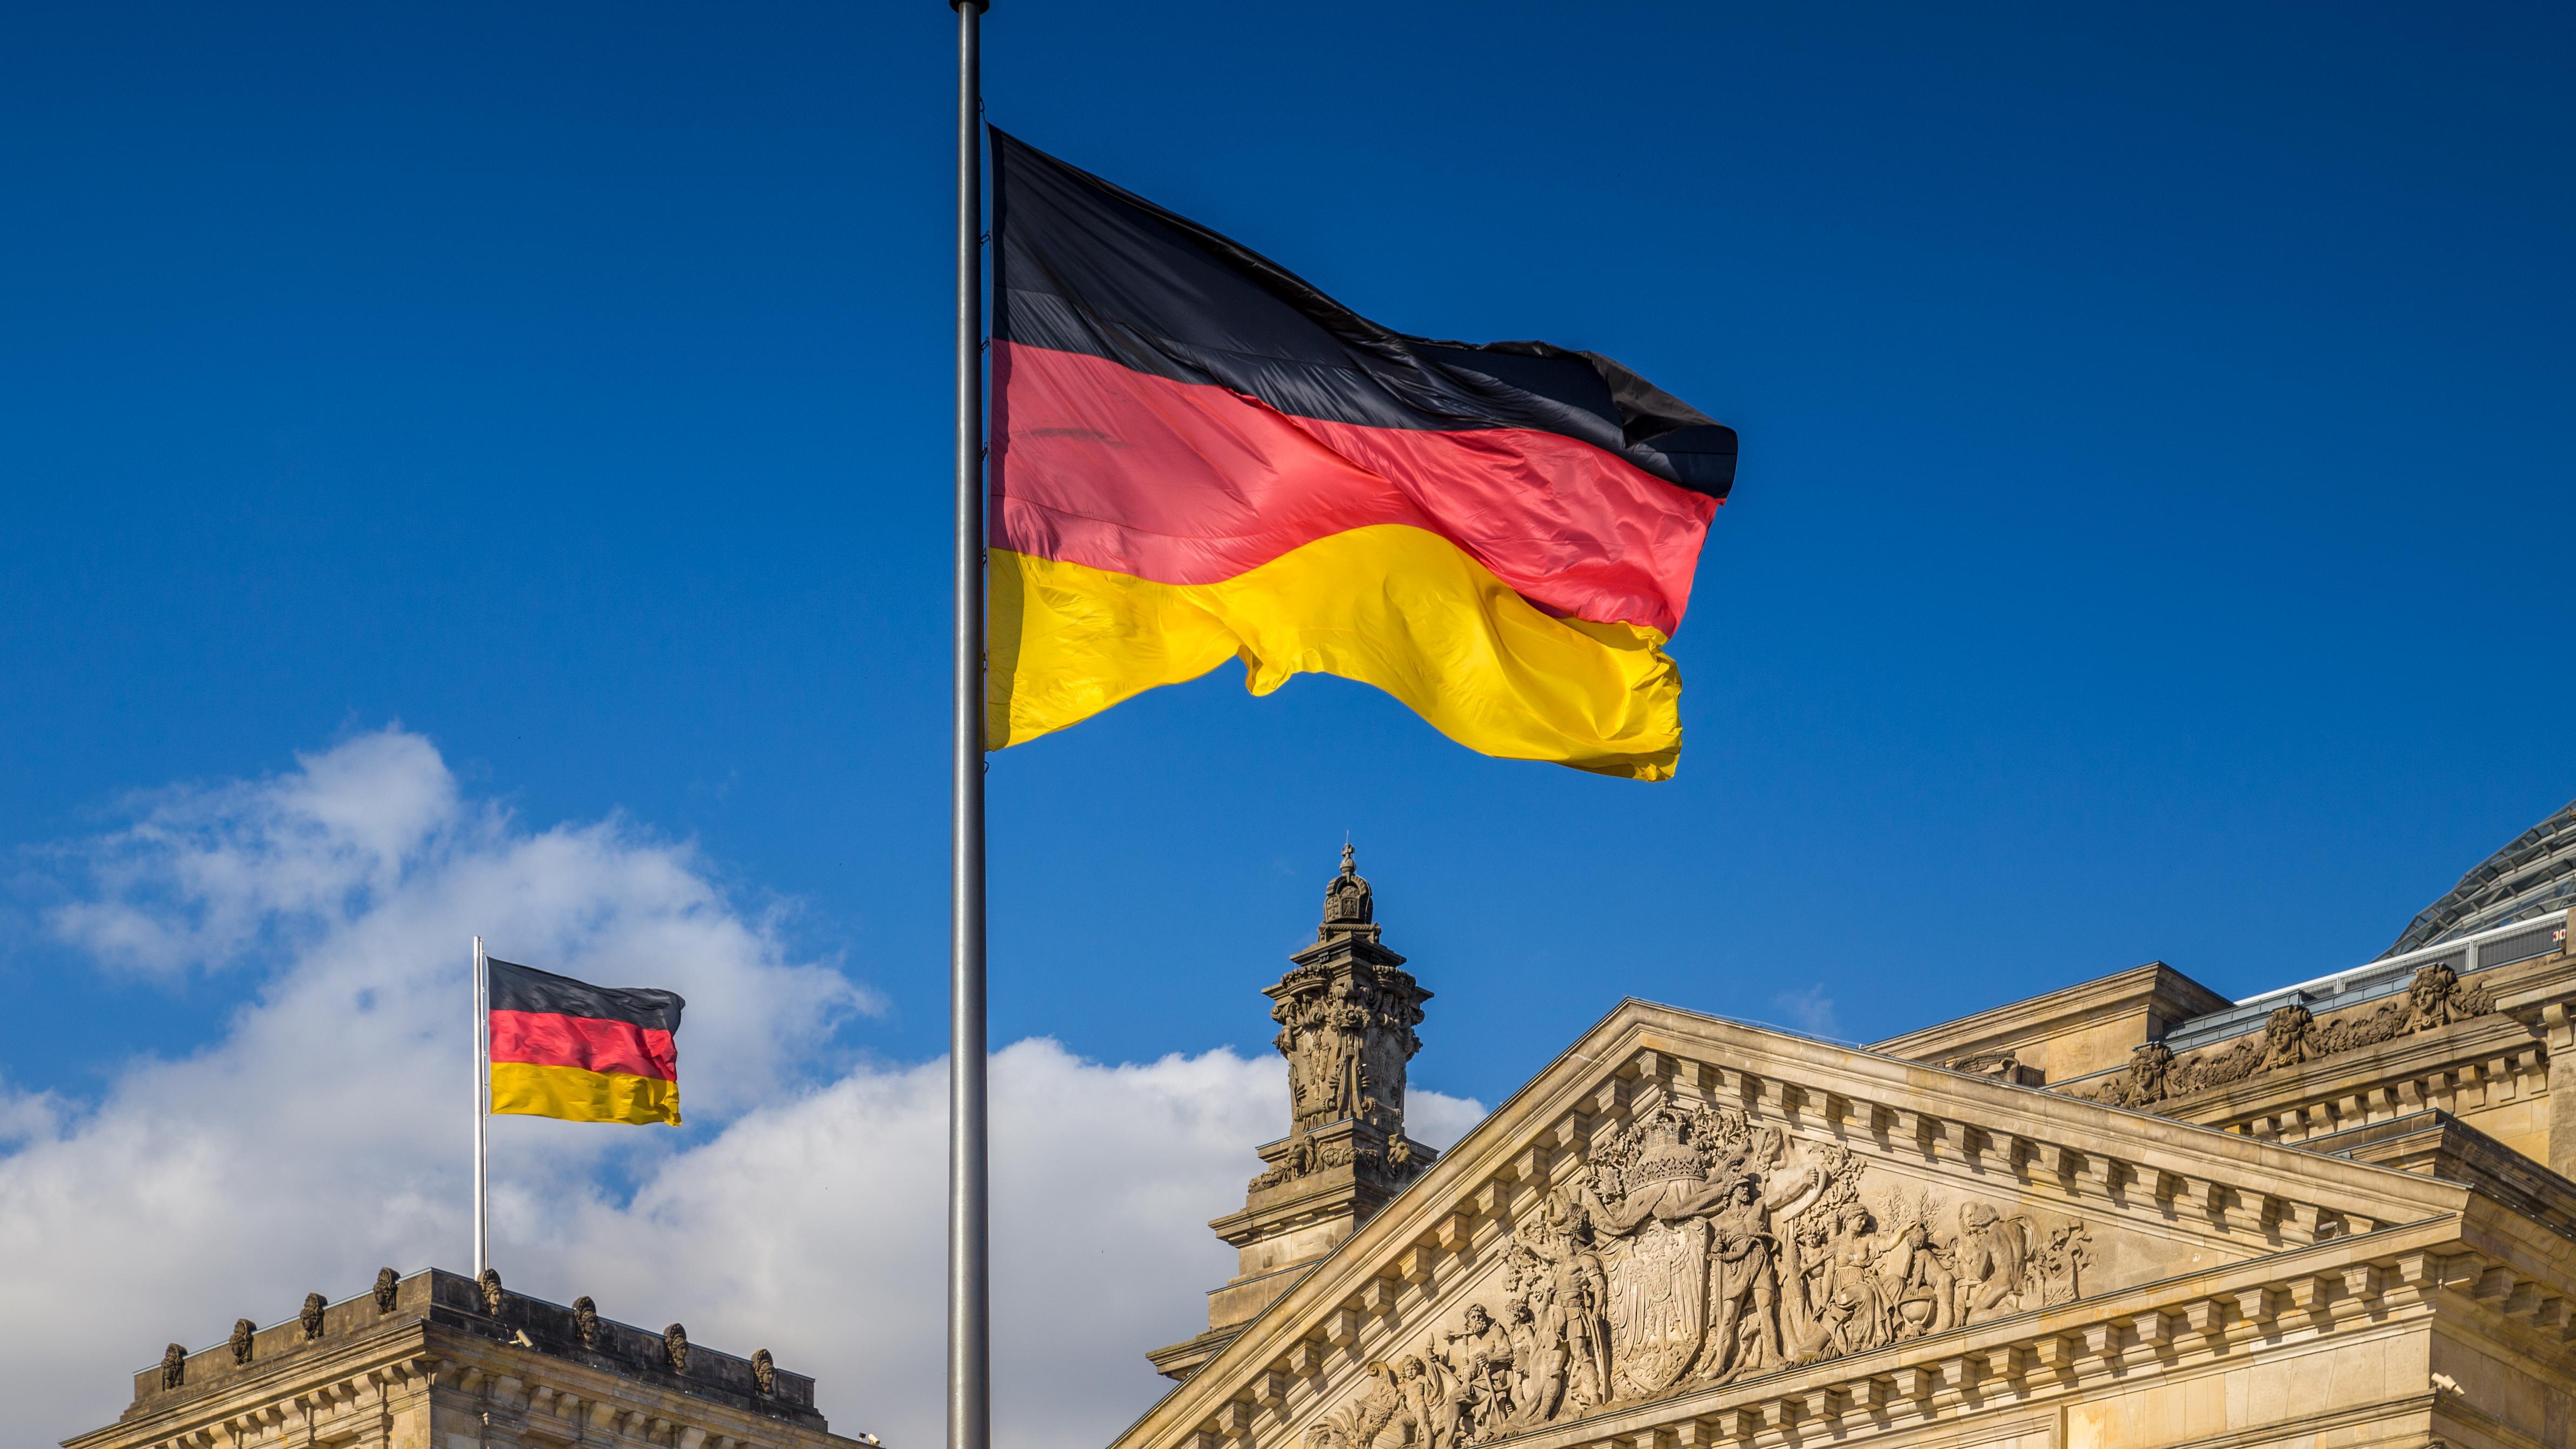 Niemiec bawaria mapa landy Niemiecki Szlak